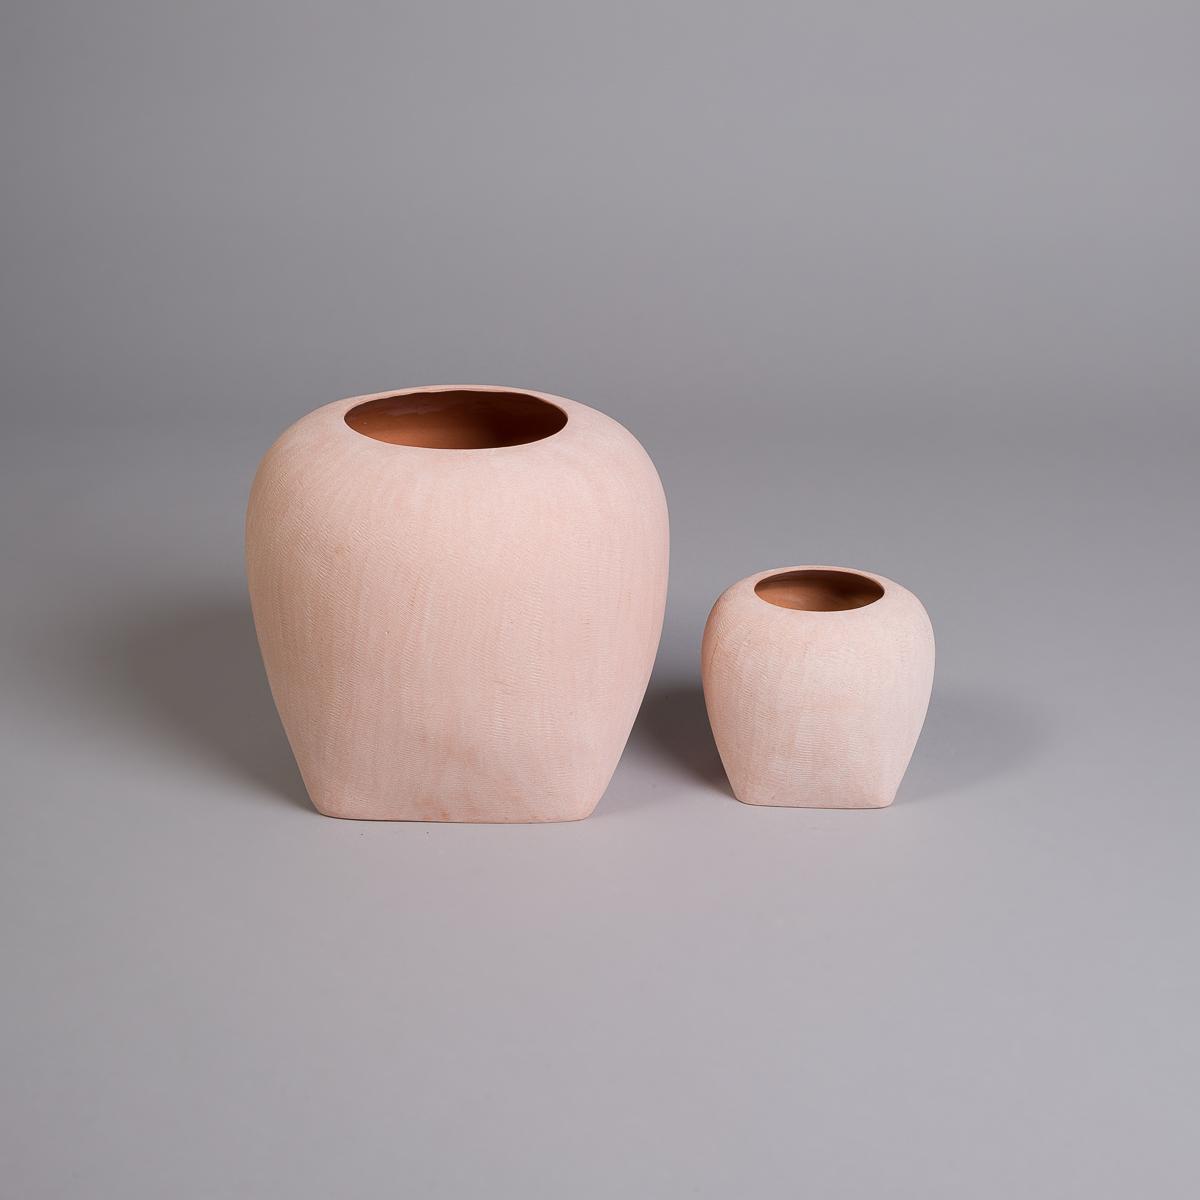 Oliver vase i Sandstein 26 cm - Rosa-206